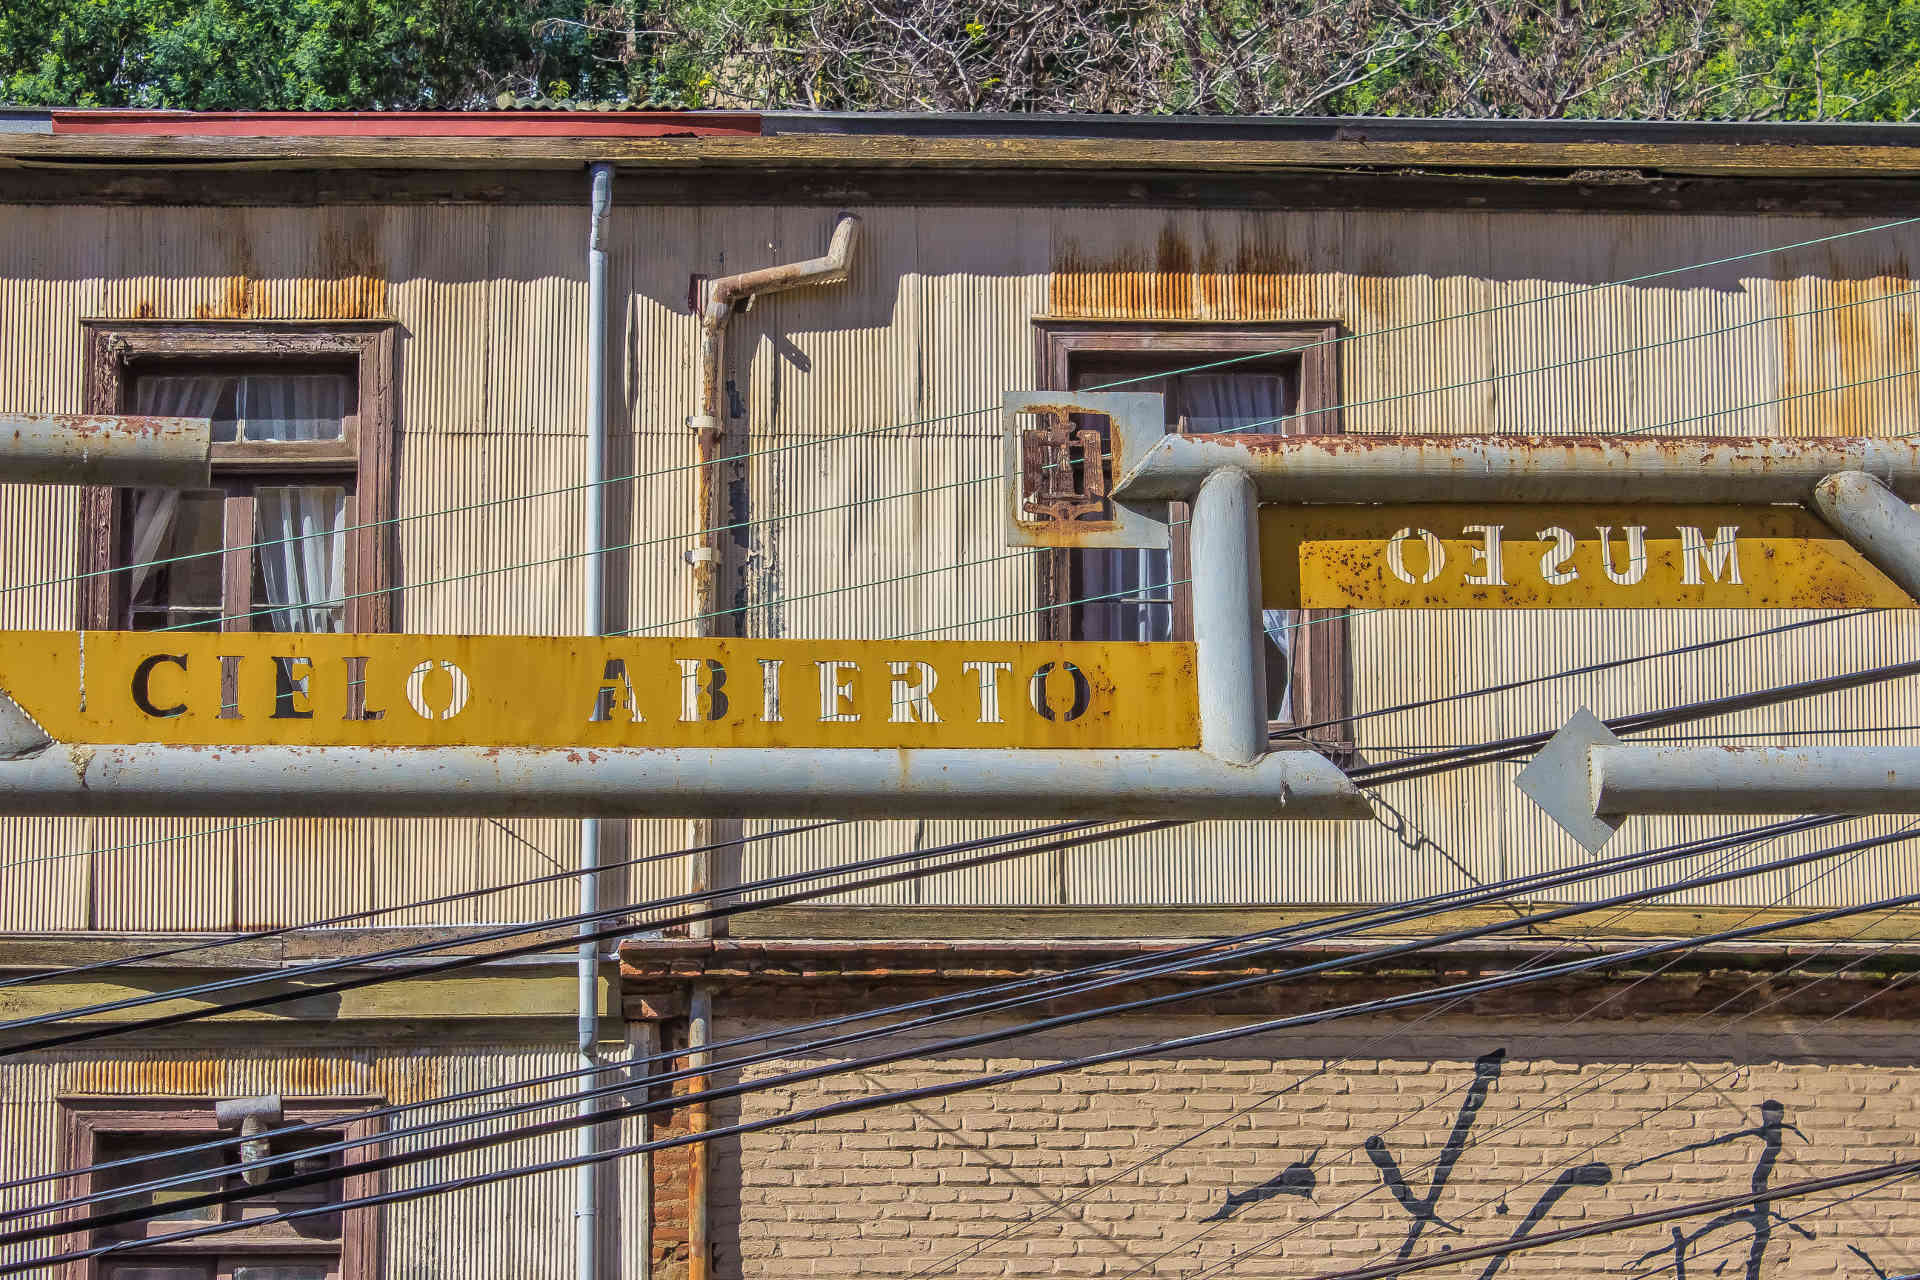 Museo Cielo Abierto